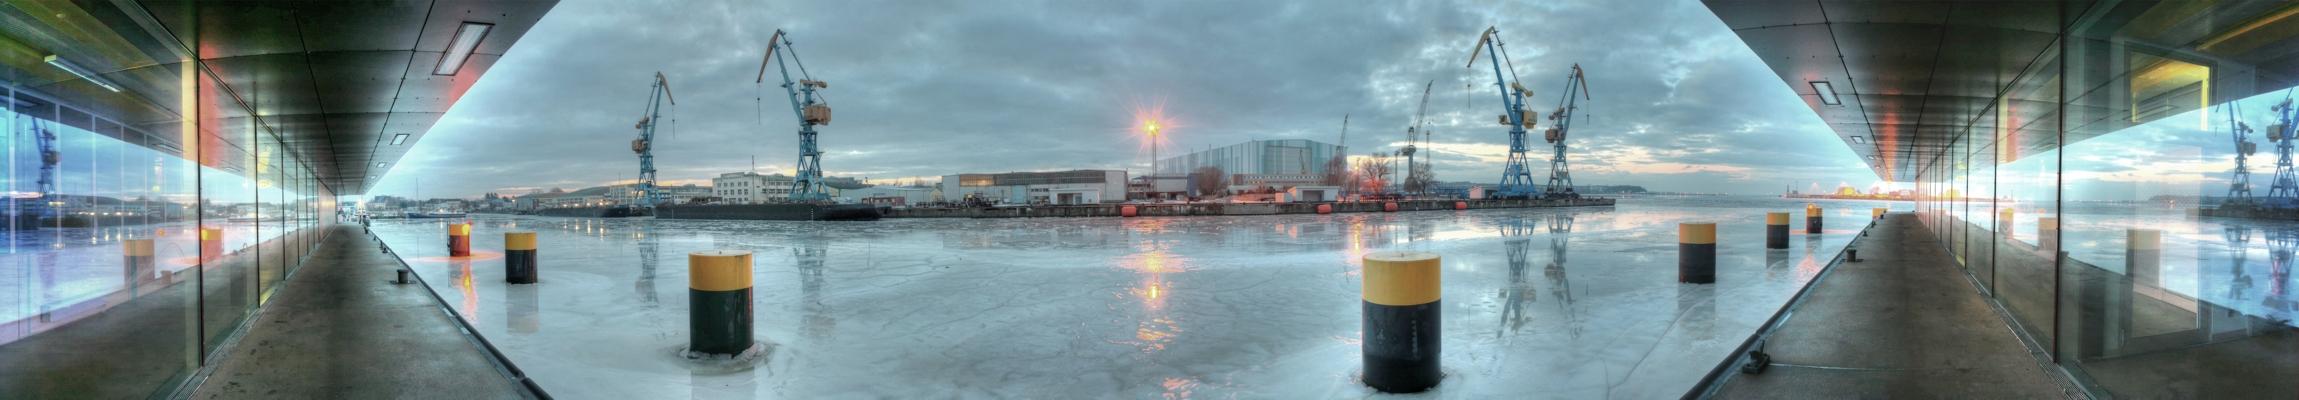 Seitengang des Technologie- und Forschungszentrums in Wismar am Abend